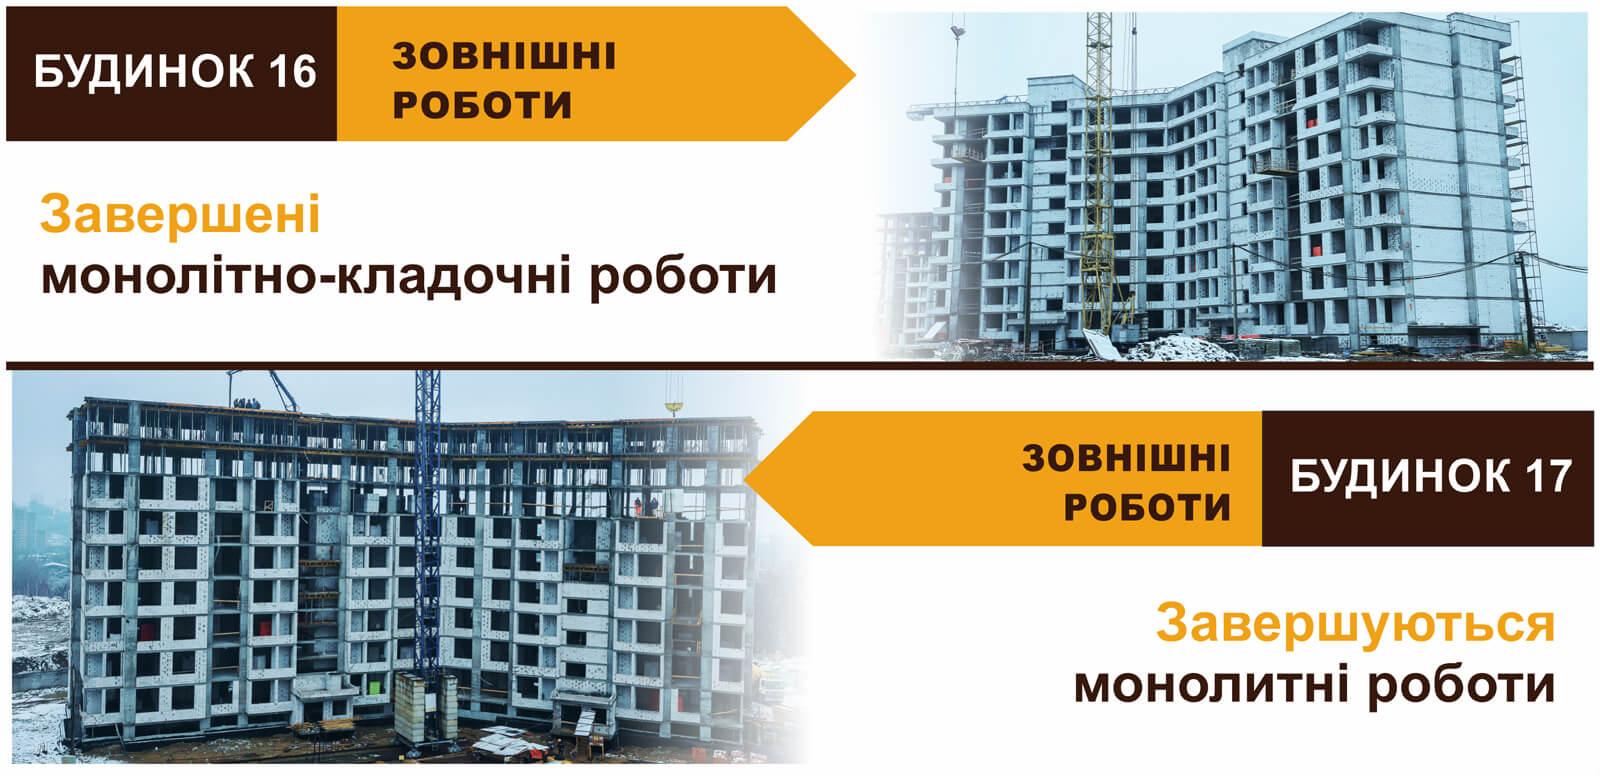 news_011217-ukr